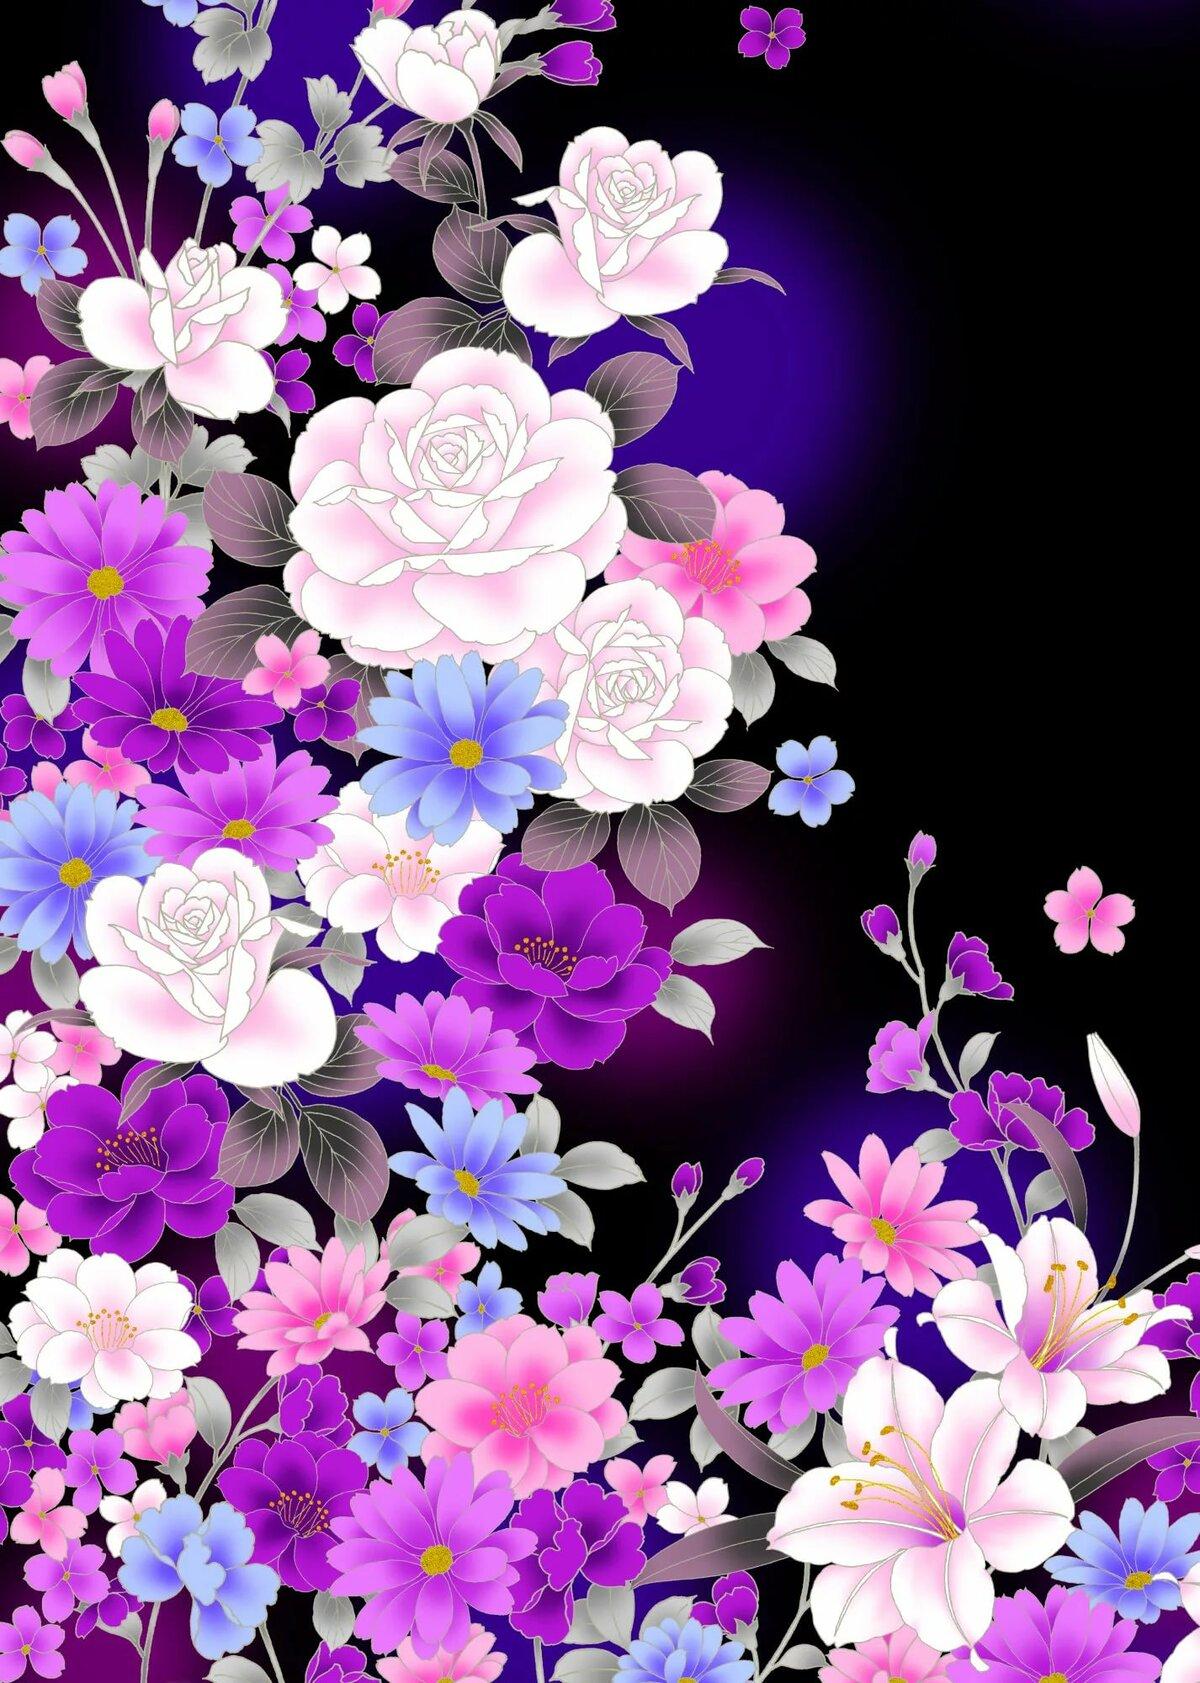 Картинки с цветами на весь экран телефона